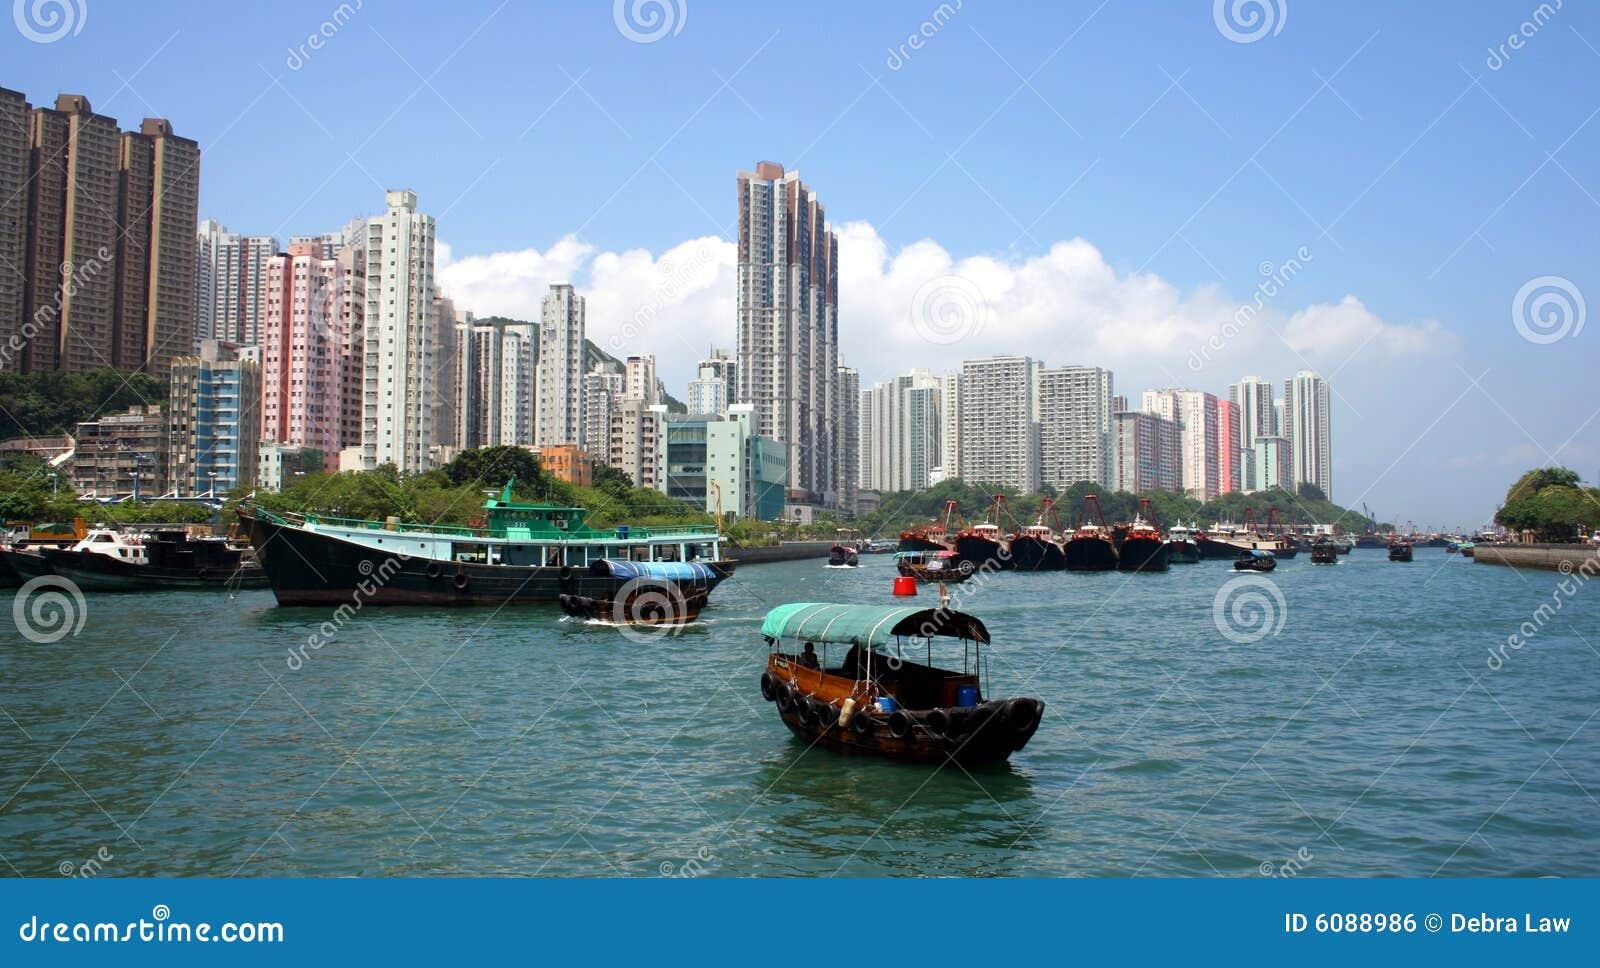 Aberdeen, Hong Kong, China